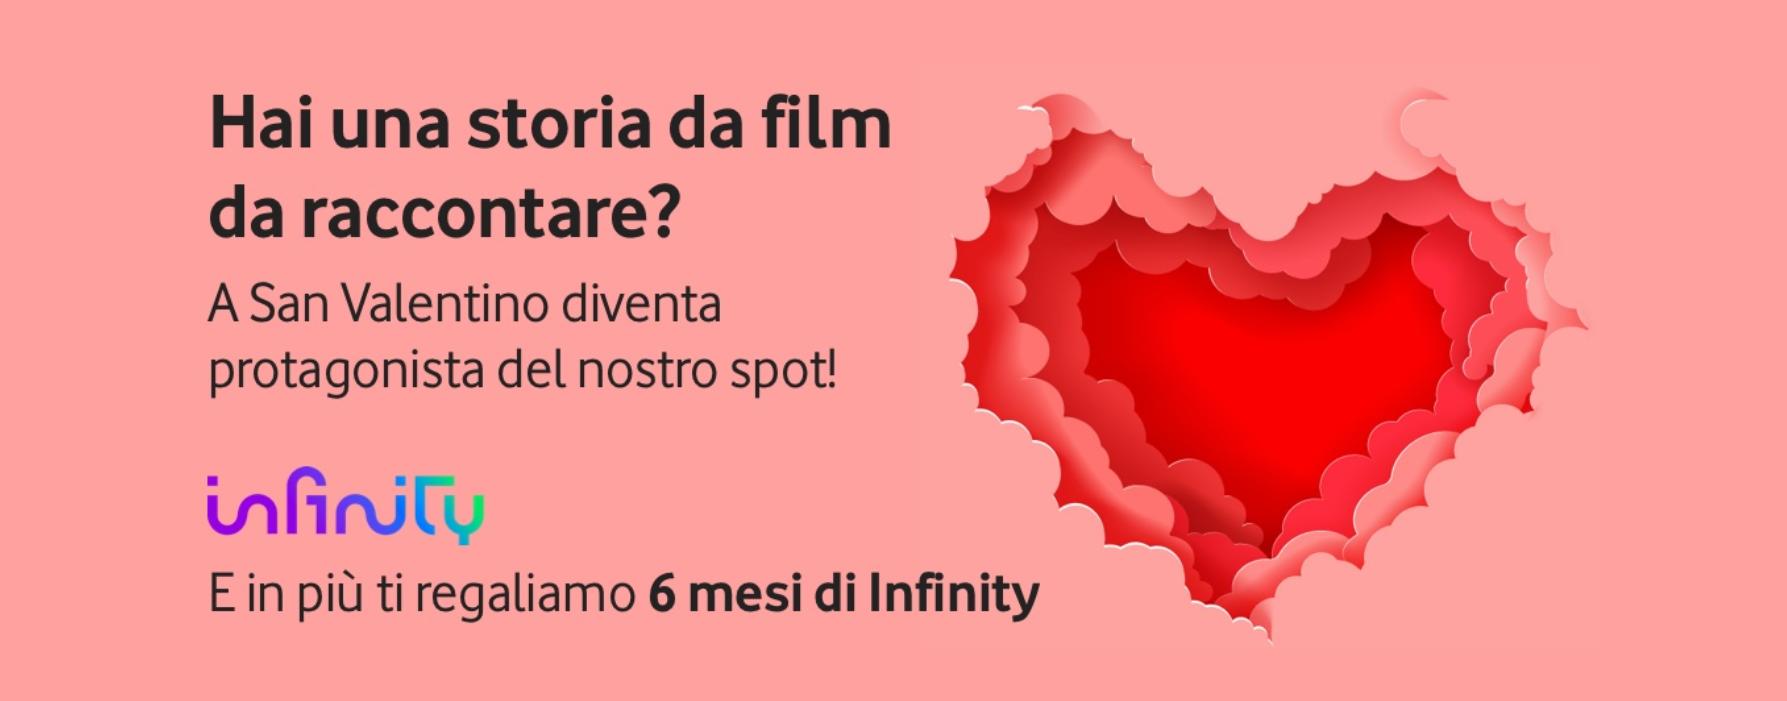 Vodafone Infinity TV #SanValentinoDaFilm